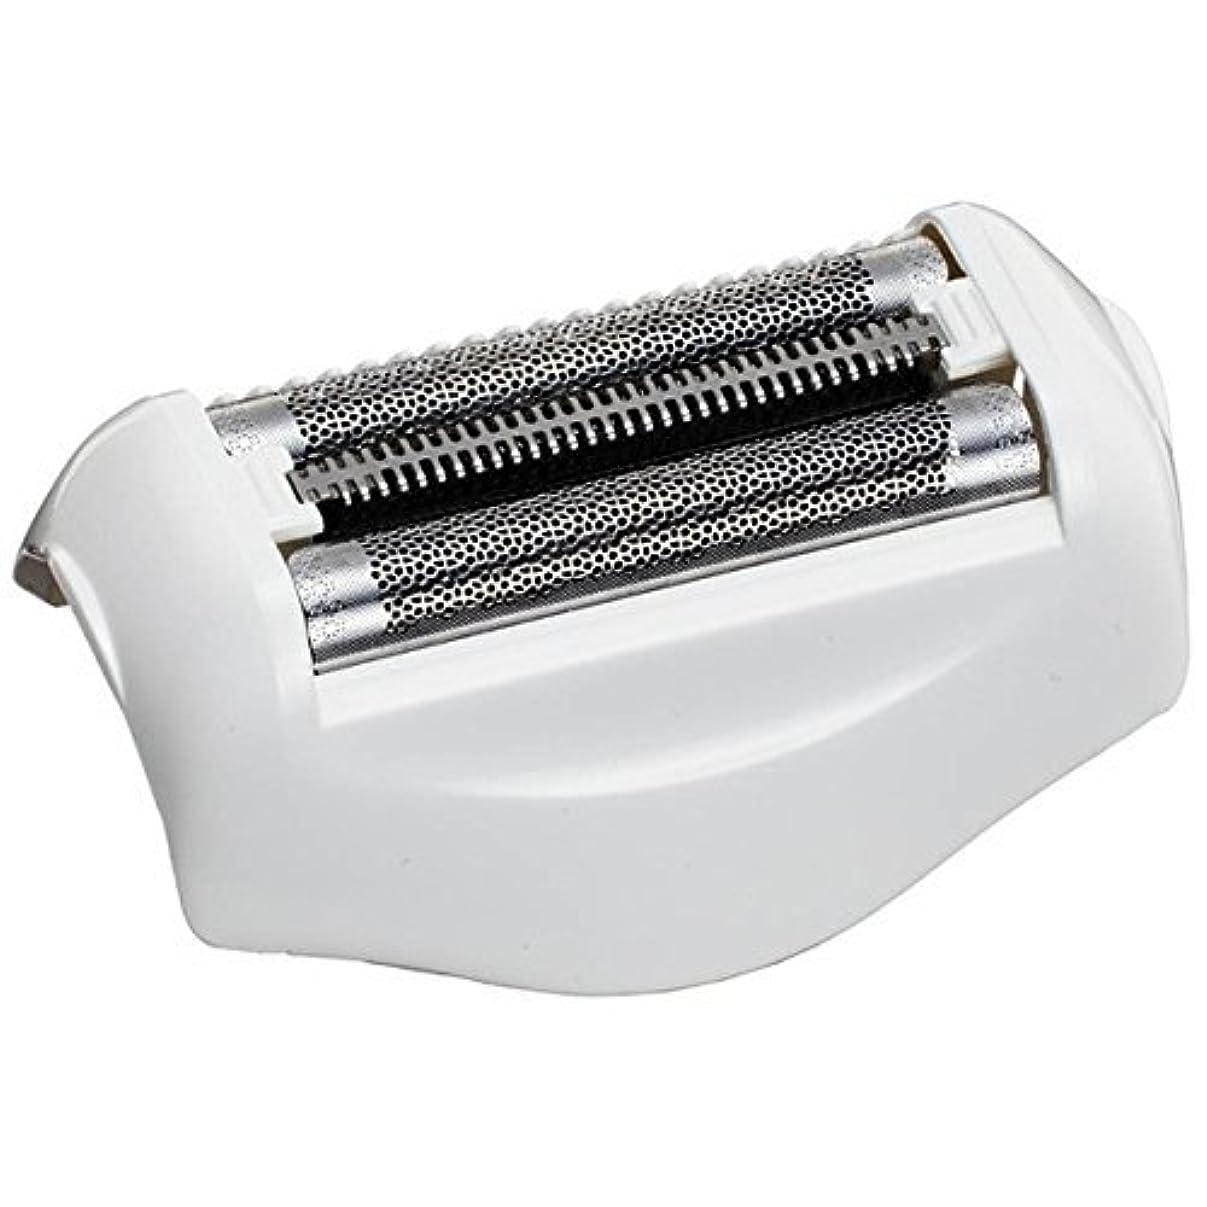 つかむ怒りレイアウト日立 メンズシェーバー用替刃(外刃) K-TX29S